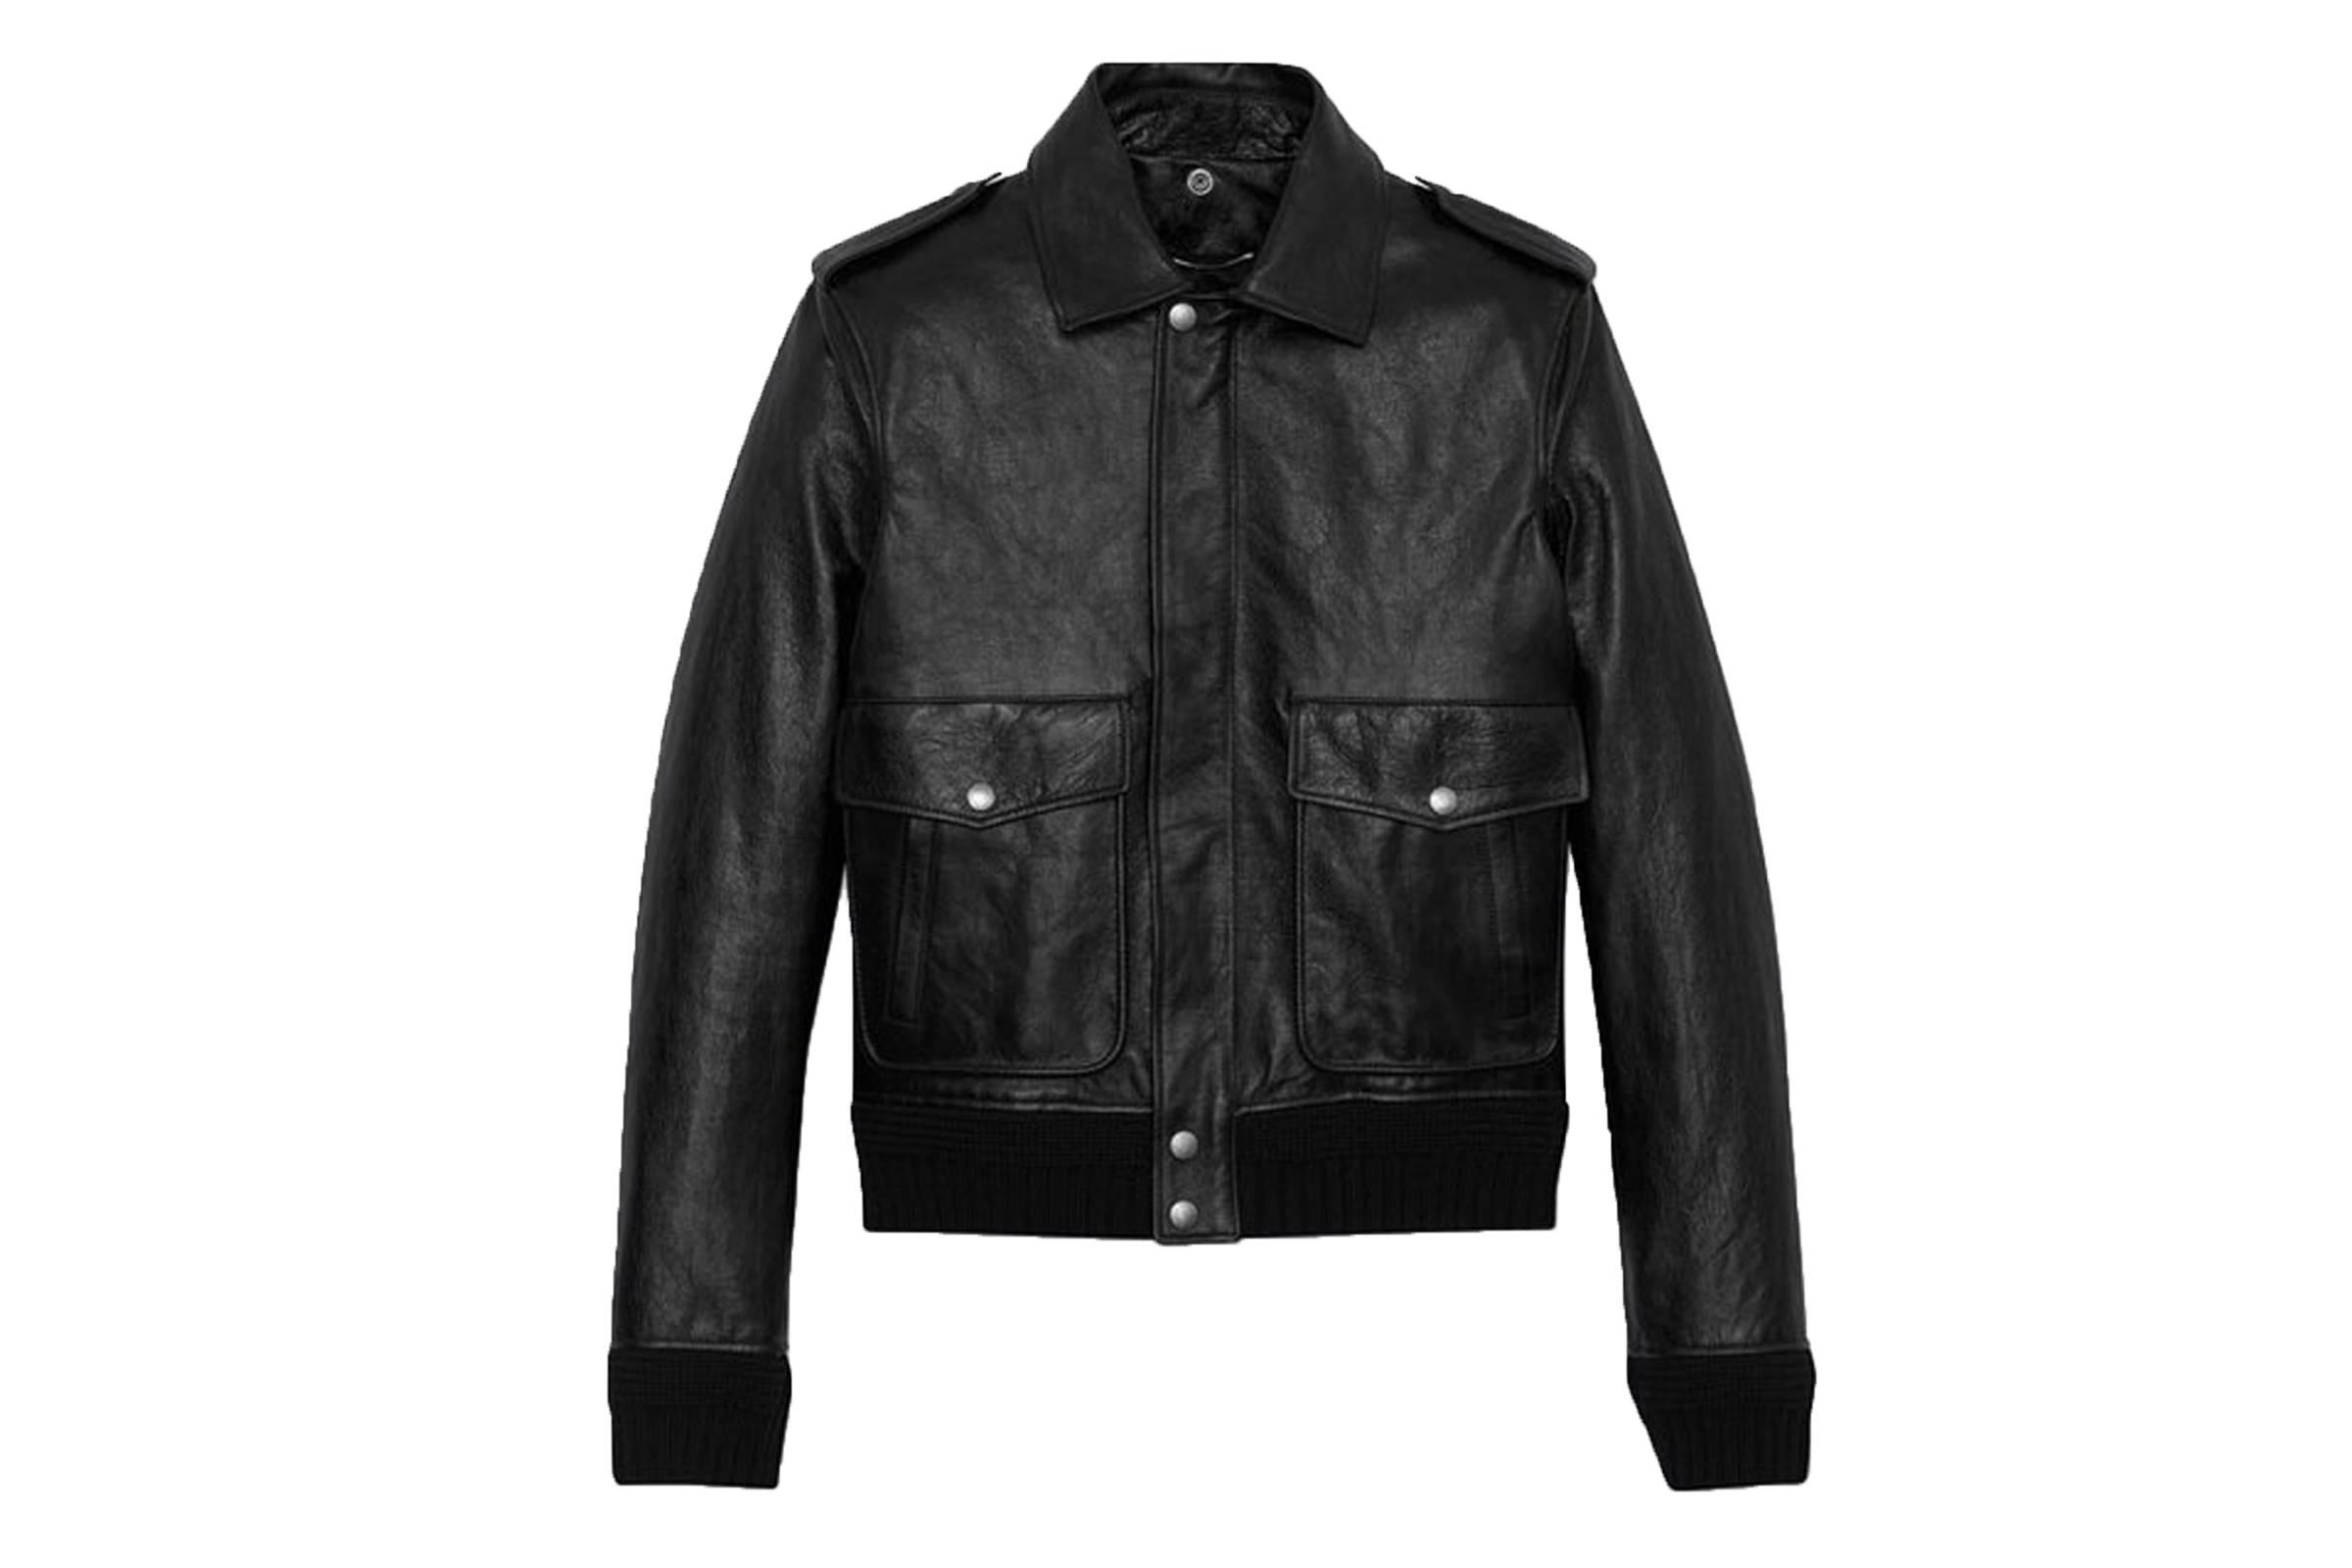 Saint Laurent Paris Leather Flight Jacket